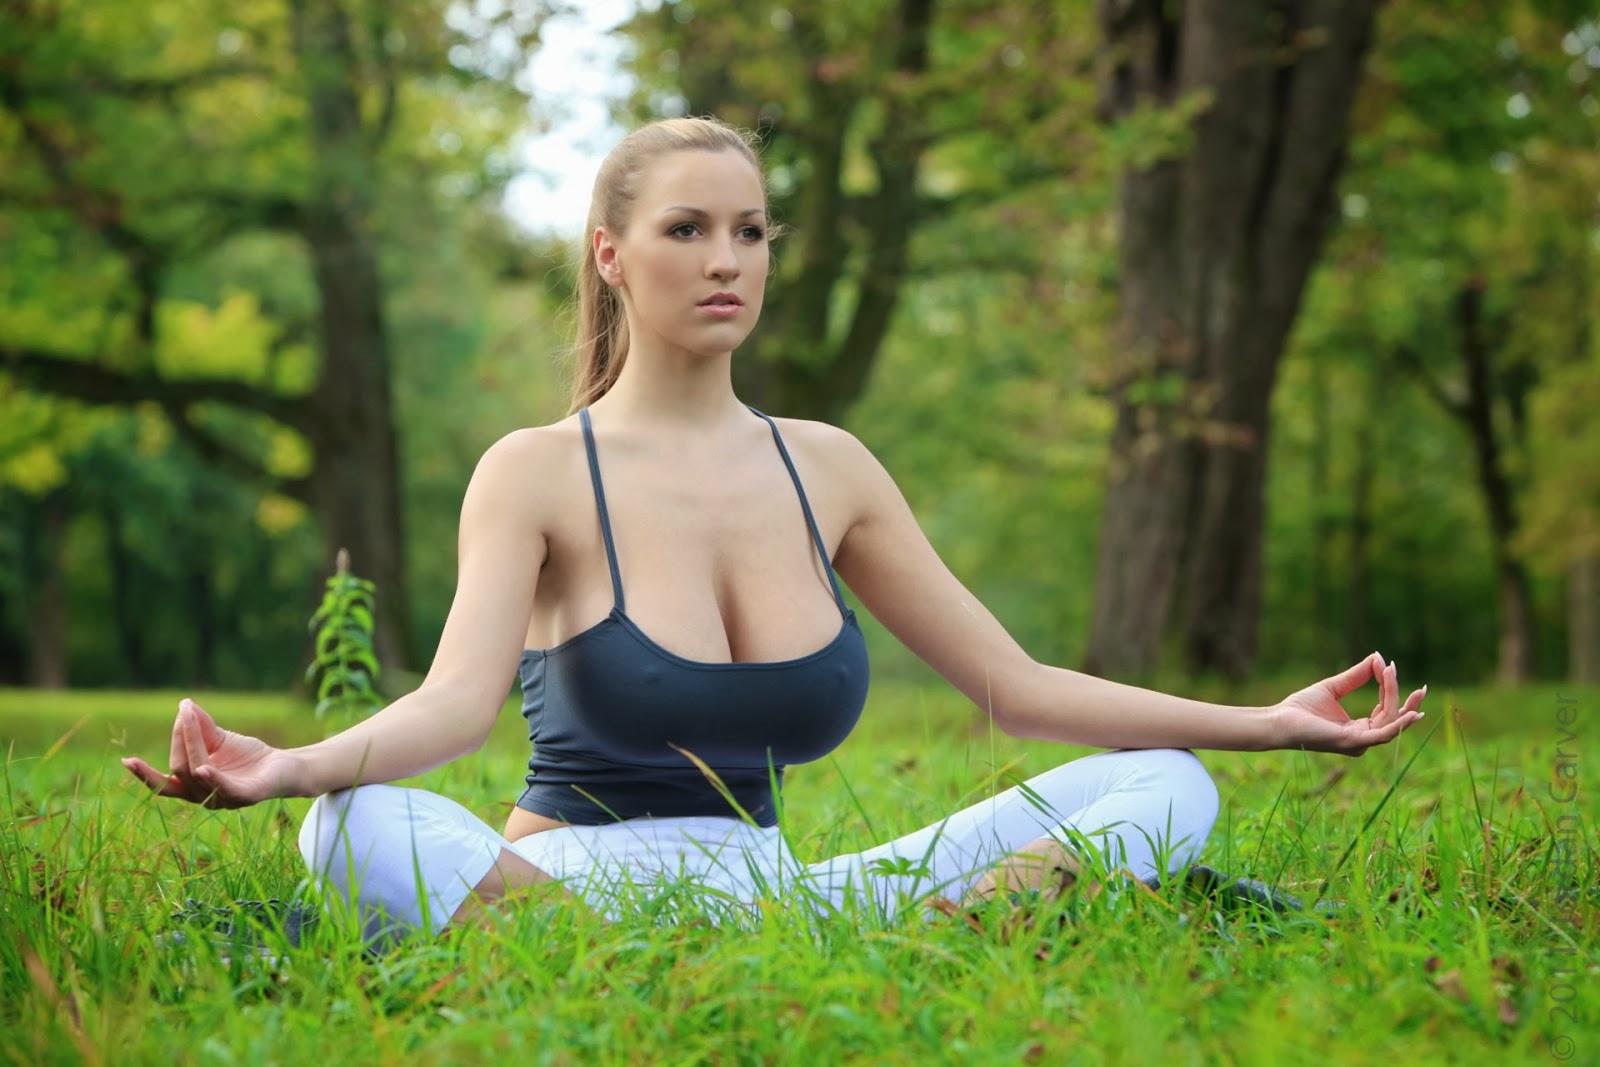 privat vinohrady nahá joga